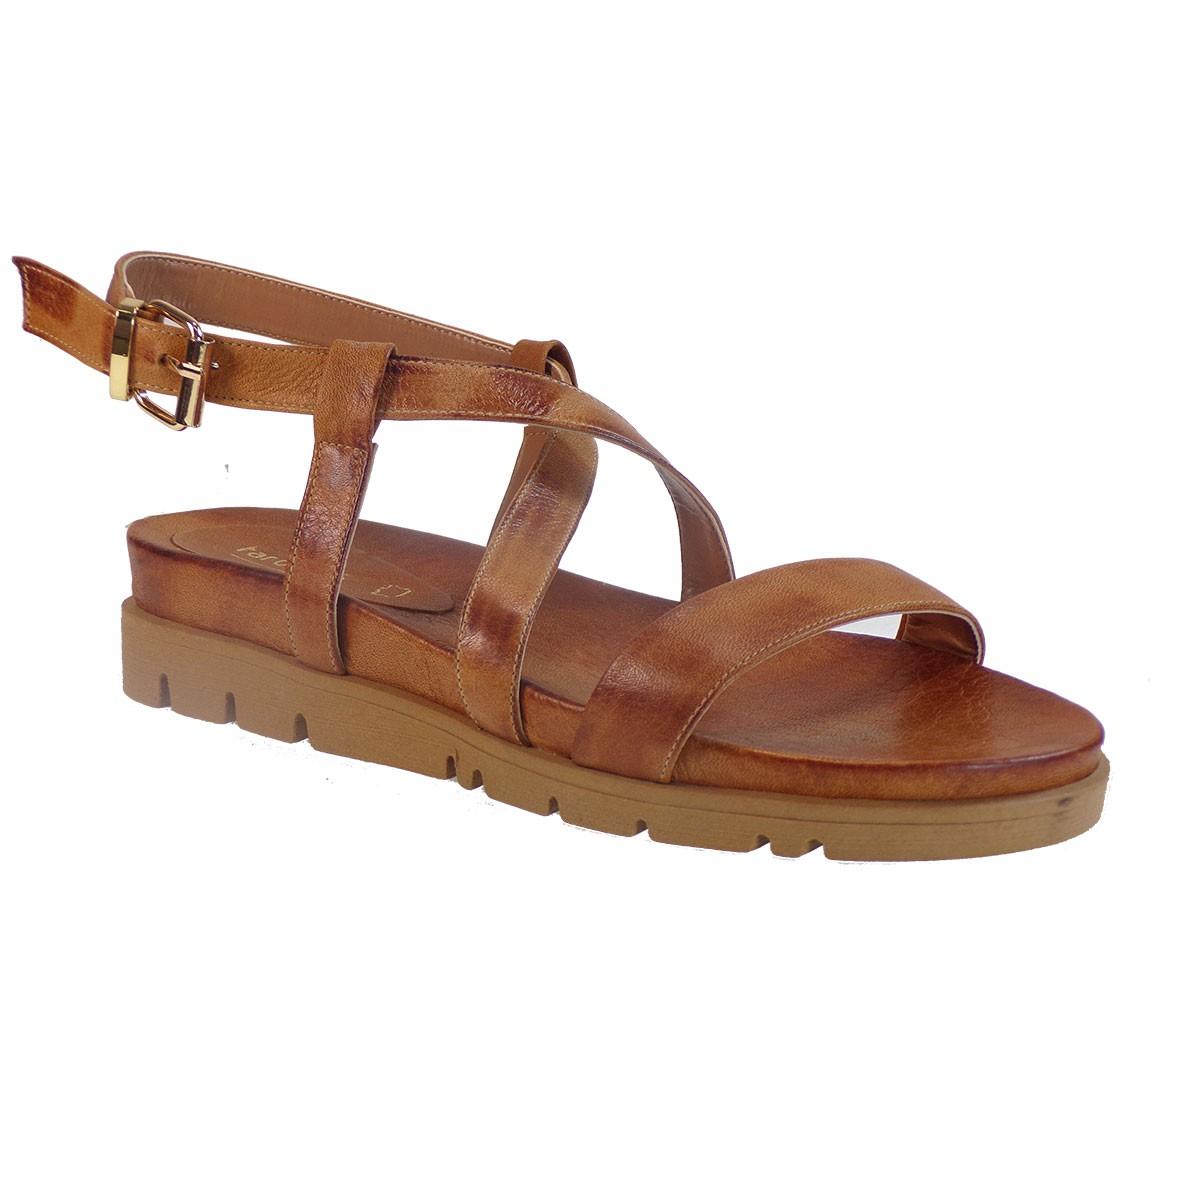 fardoulis shoes gynaikeia pedila flat 34513 tampa www.bagiotashoes.gr (2)